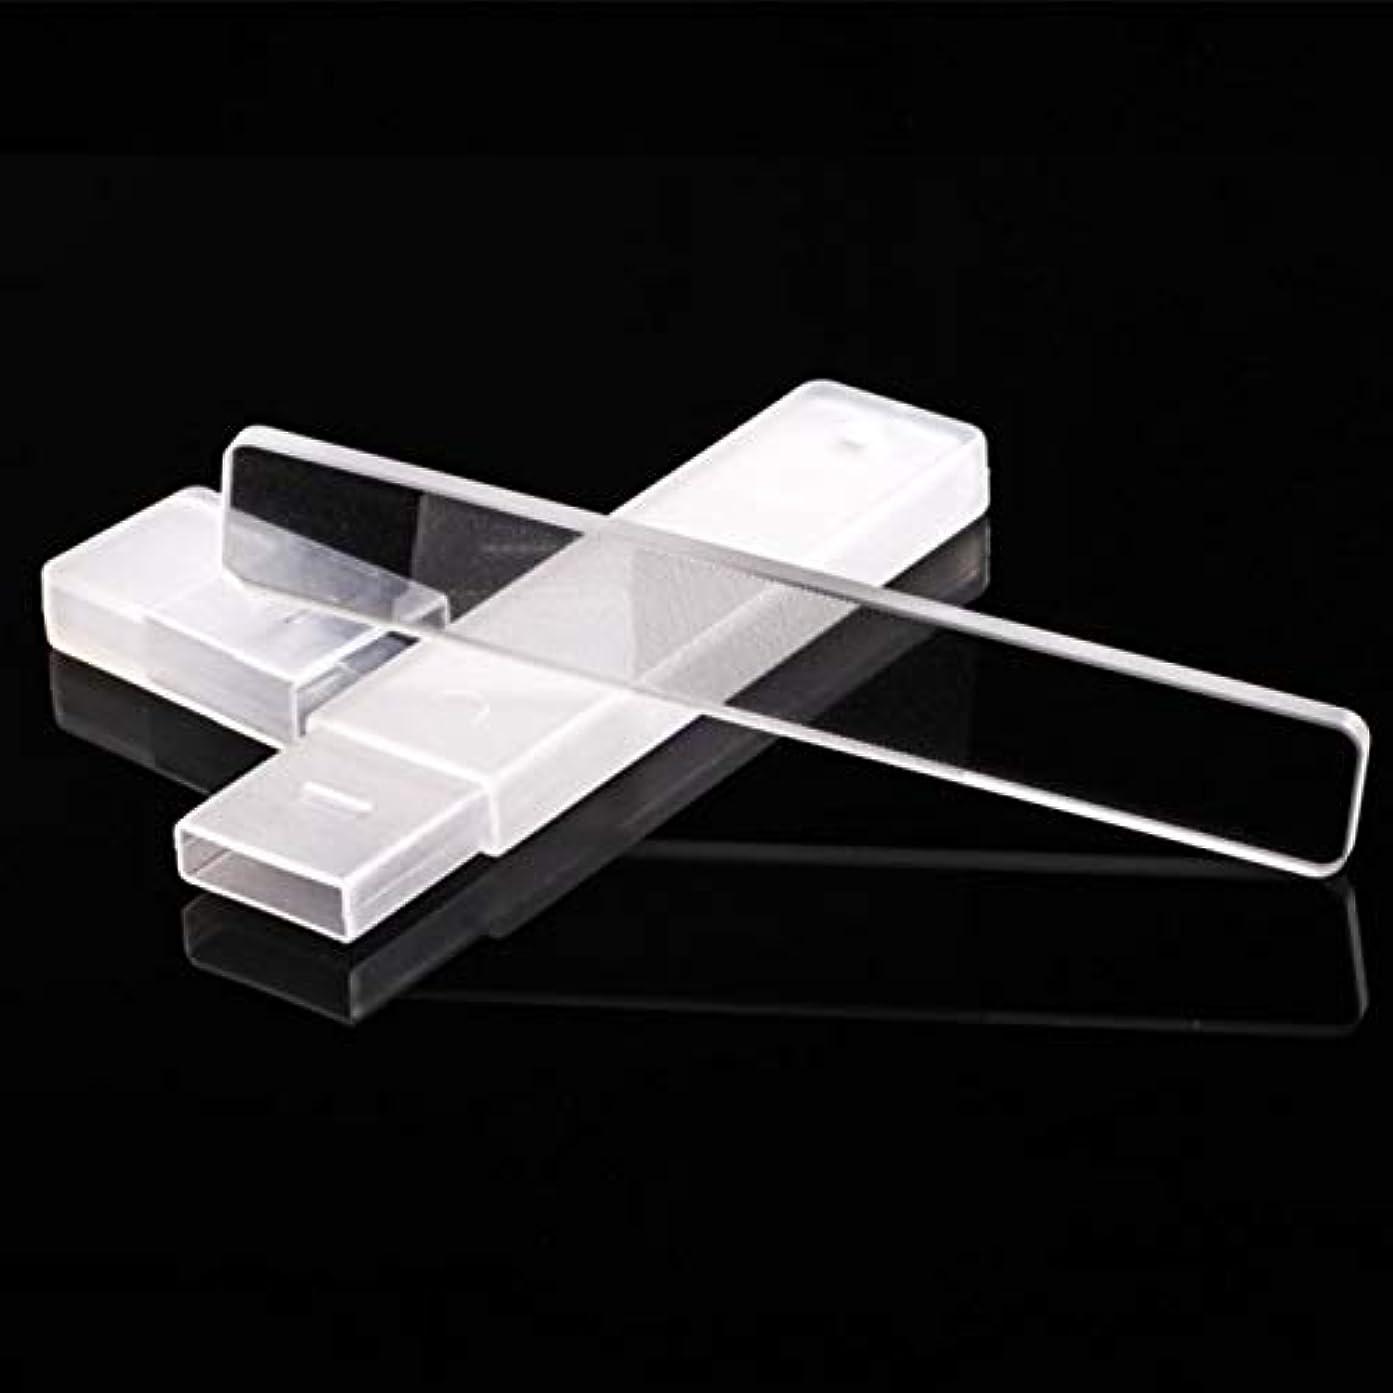 硫黄反動突破口Wadachikis 機能性高品質ネイルファイルマニキュアデバイスツール耐久クリスタルガラスネイルアートツール(None Regular mirror)